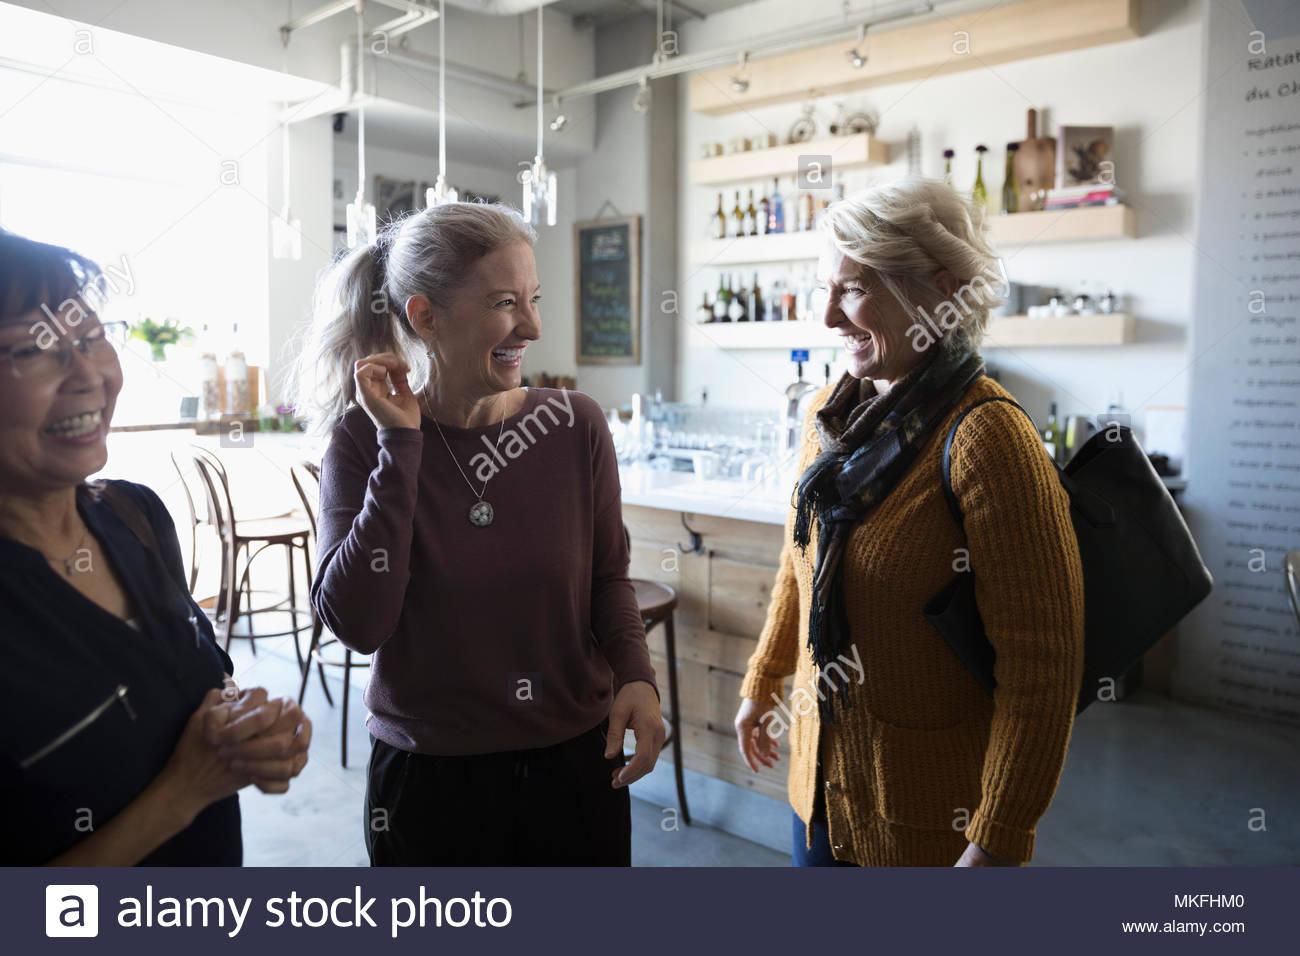 Felici le donne anziane amici parlano in cafe Immagini Stock